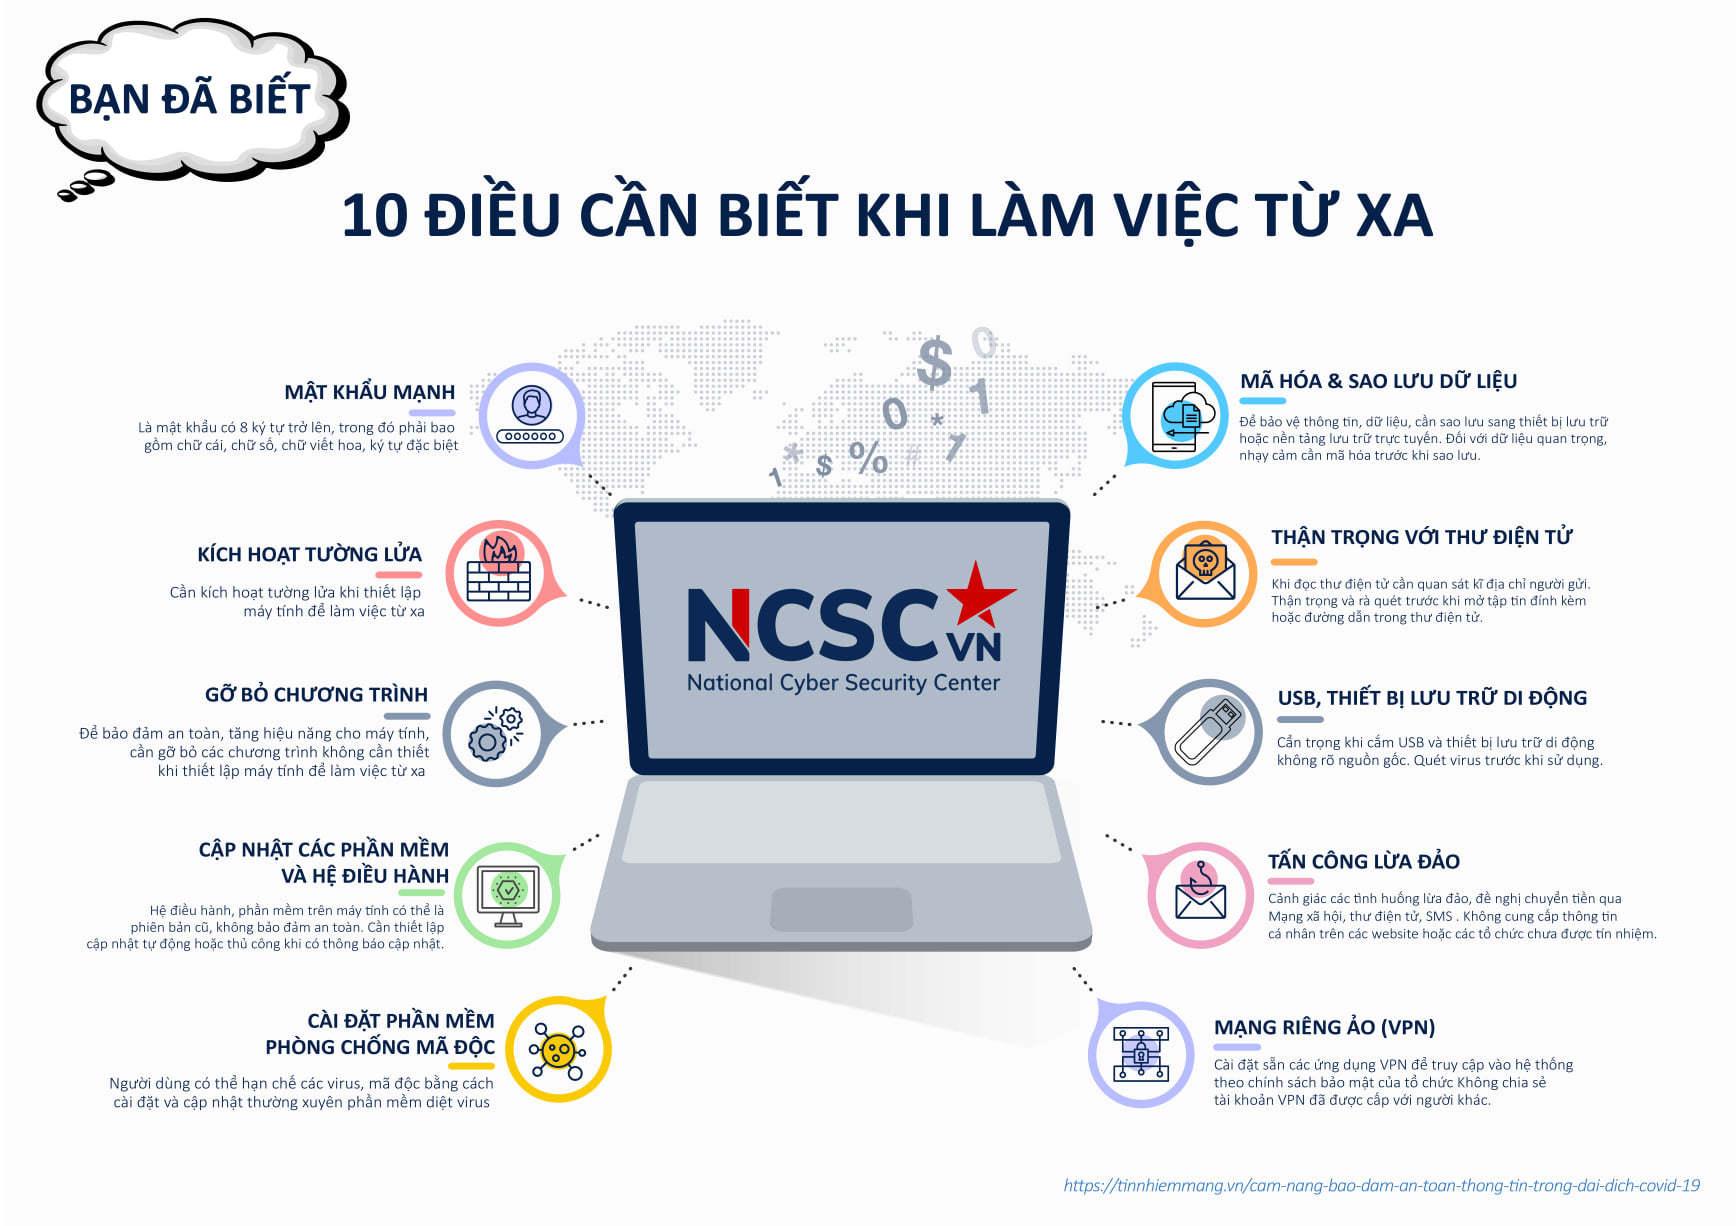 Hướng dẫn làm việc từ xa an toàn | Nguồn: NCSC, 2021